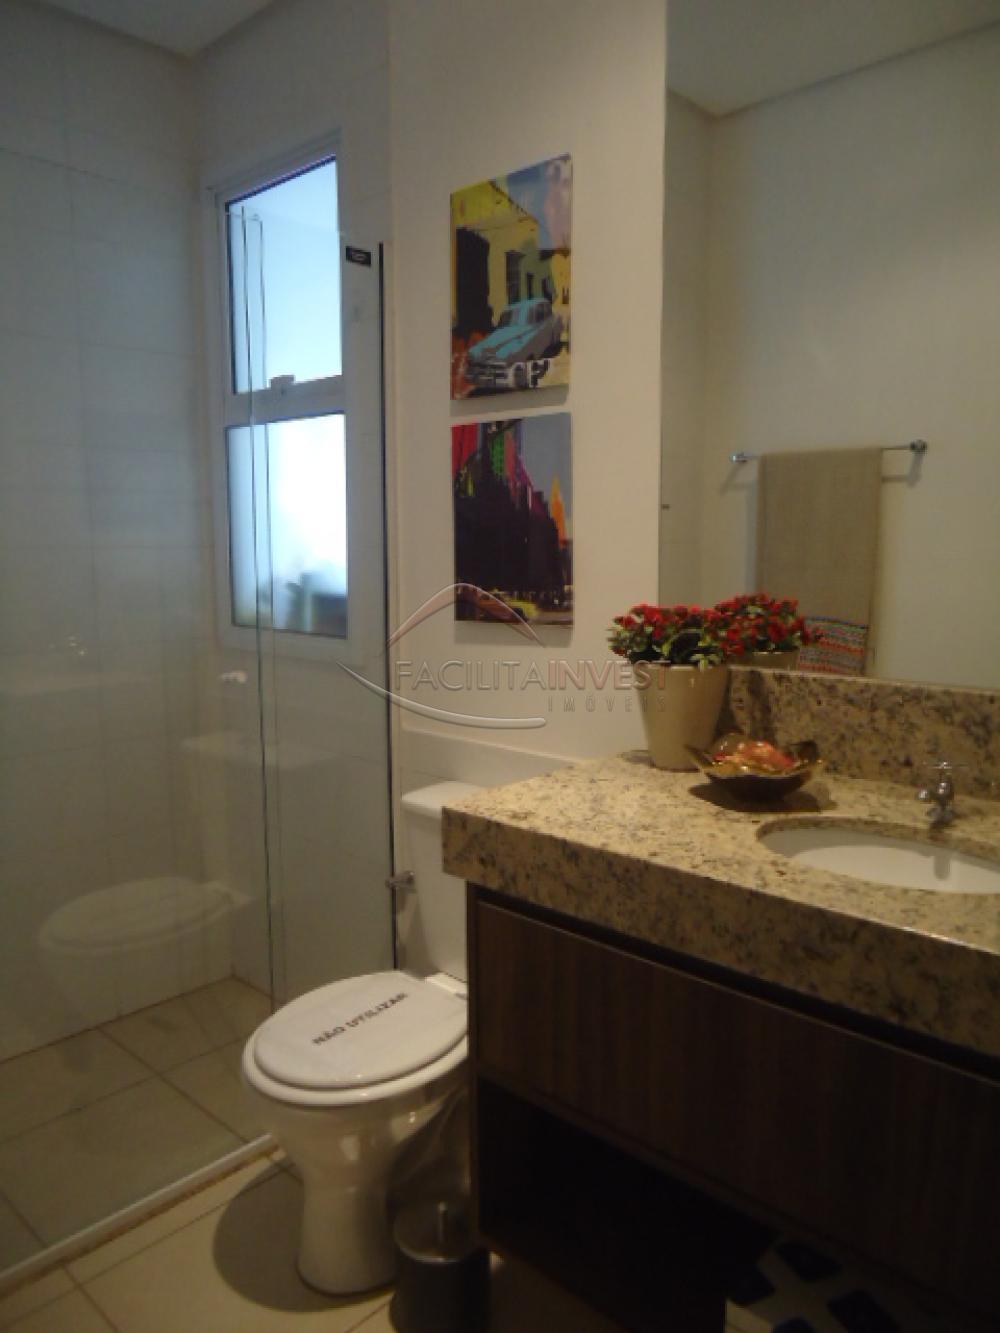 Comprar Apartamentos / Apart. Padrão em Ribeirão Preto apenas R$ 335.000,00 - Foto 10